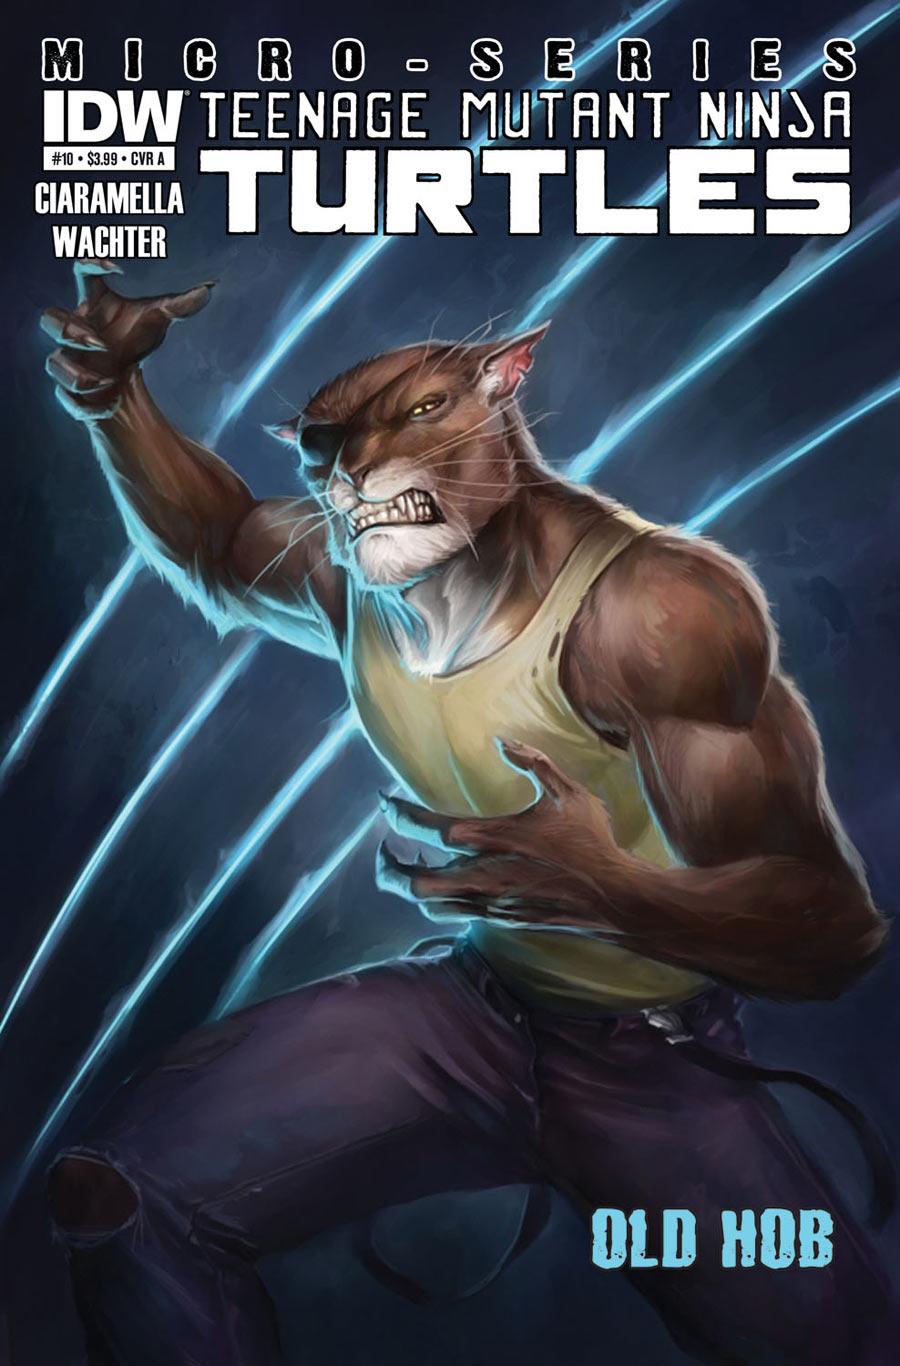 Villain Micro-series #3: Old Hob